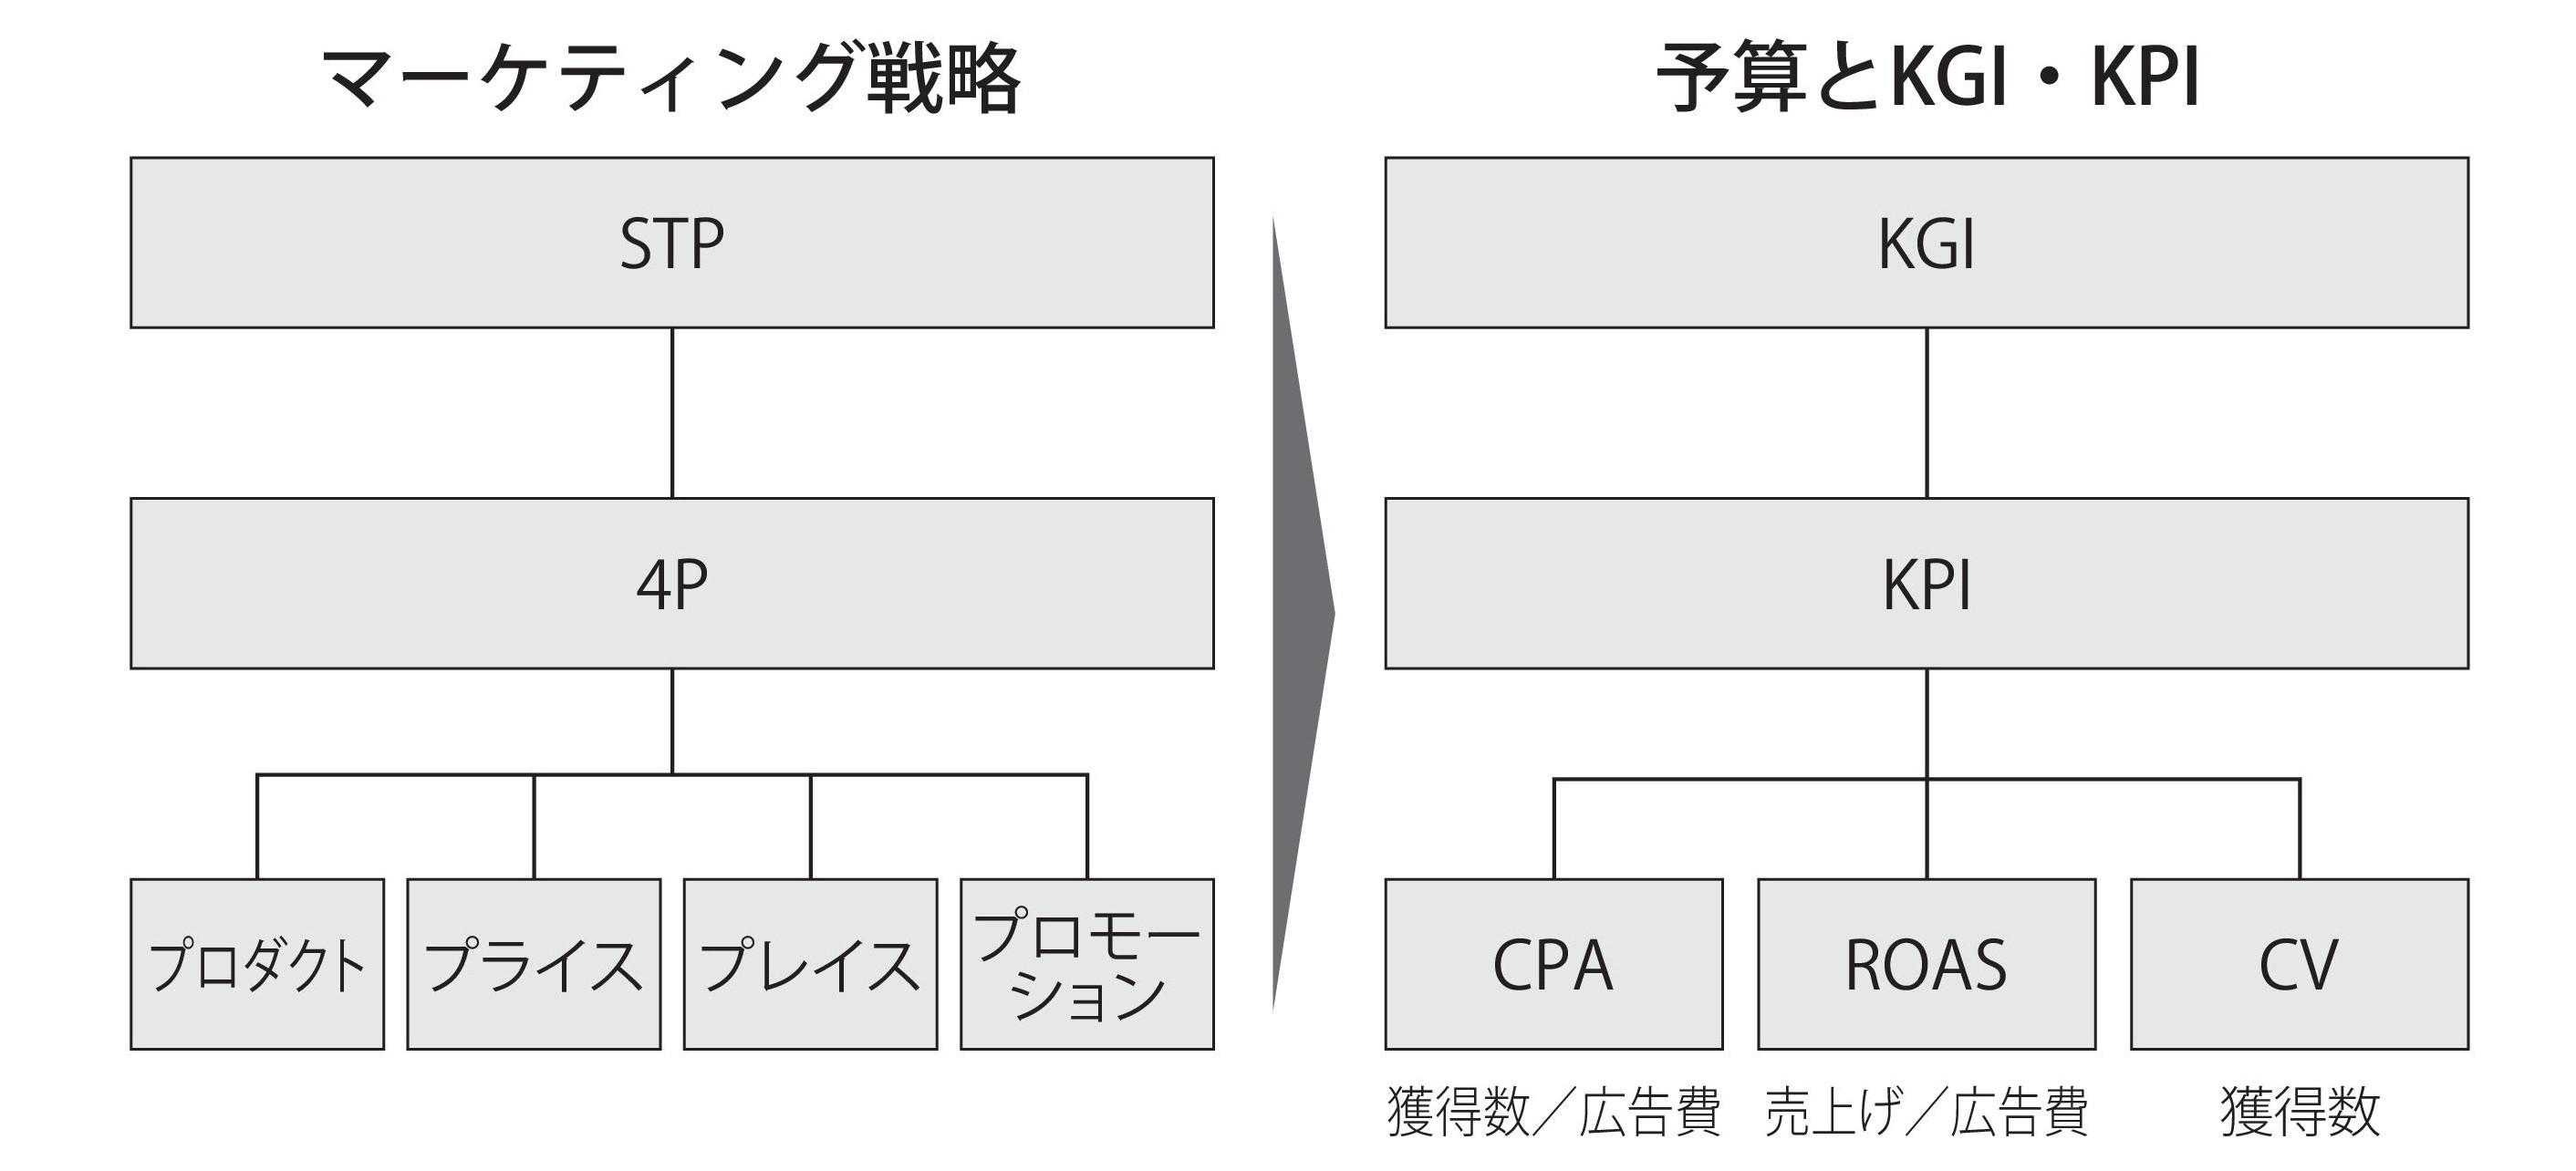 図3 「統合型」のマーケティング戦略